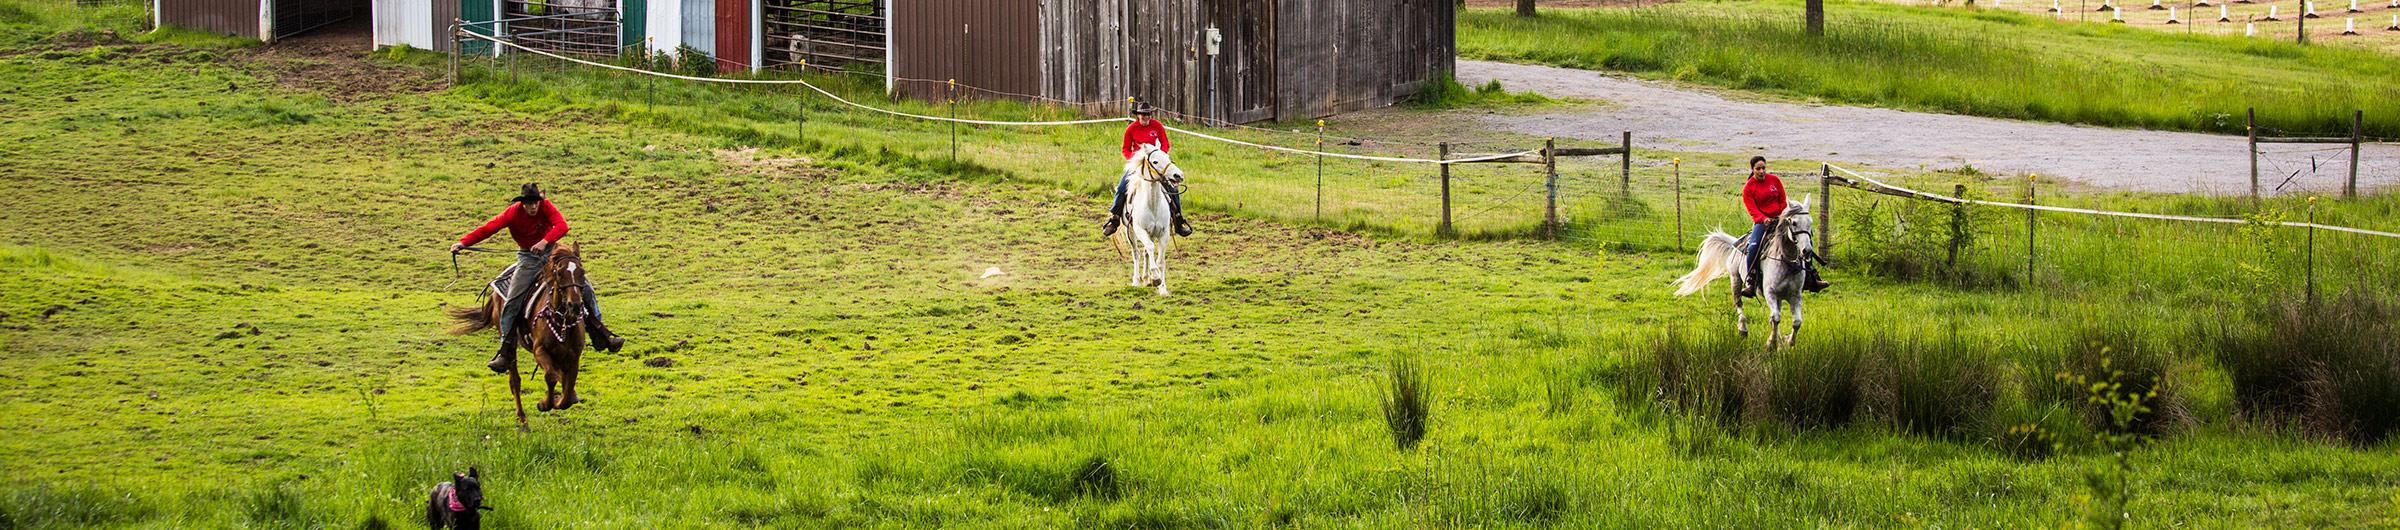 horseback-riding-yamhill-oregon